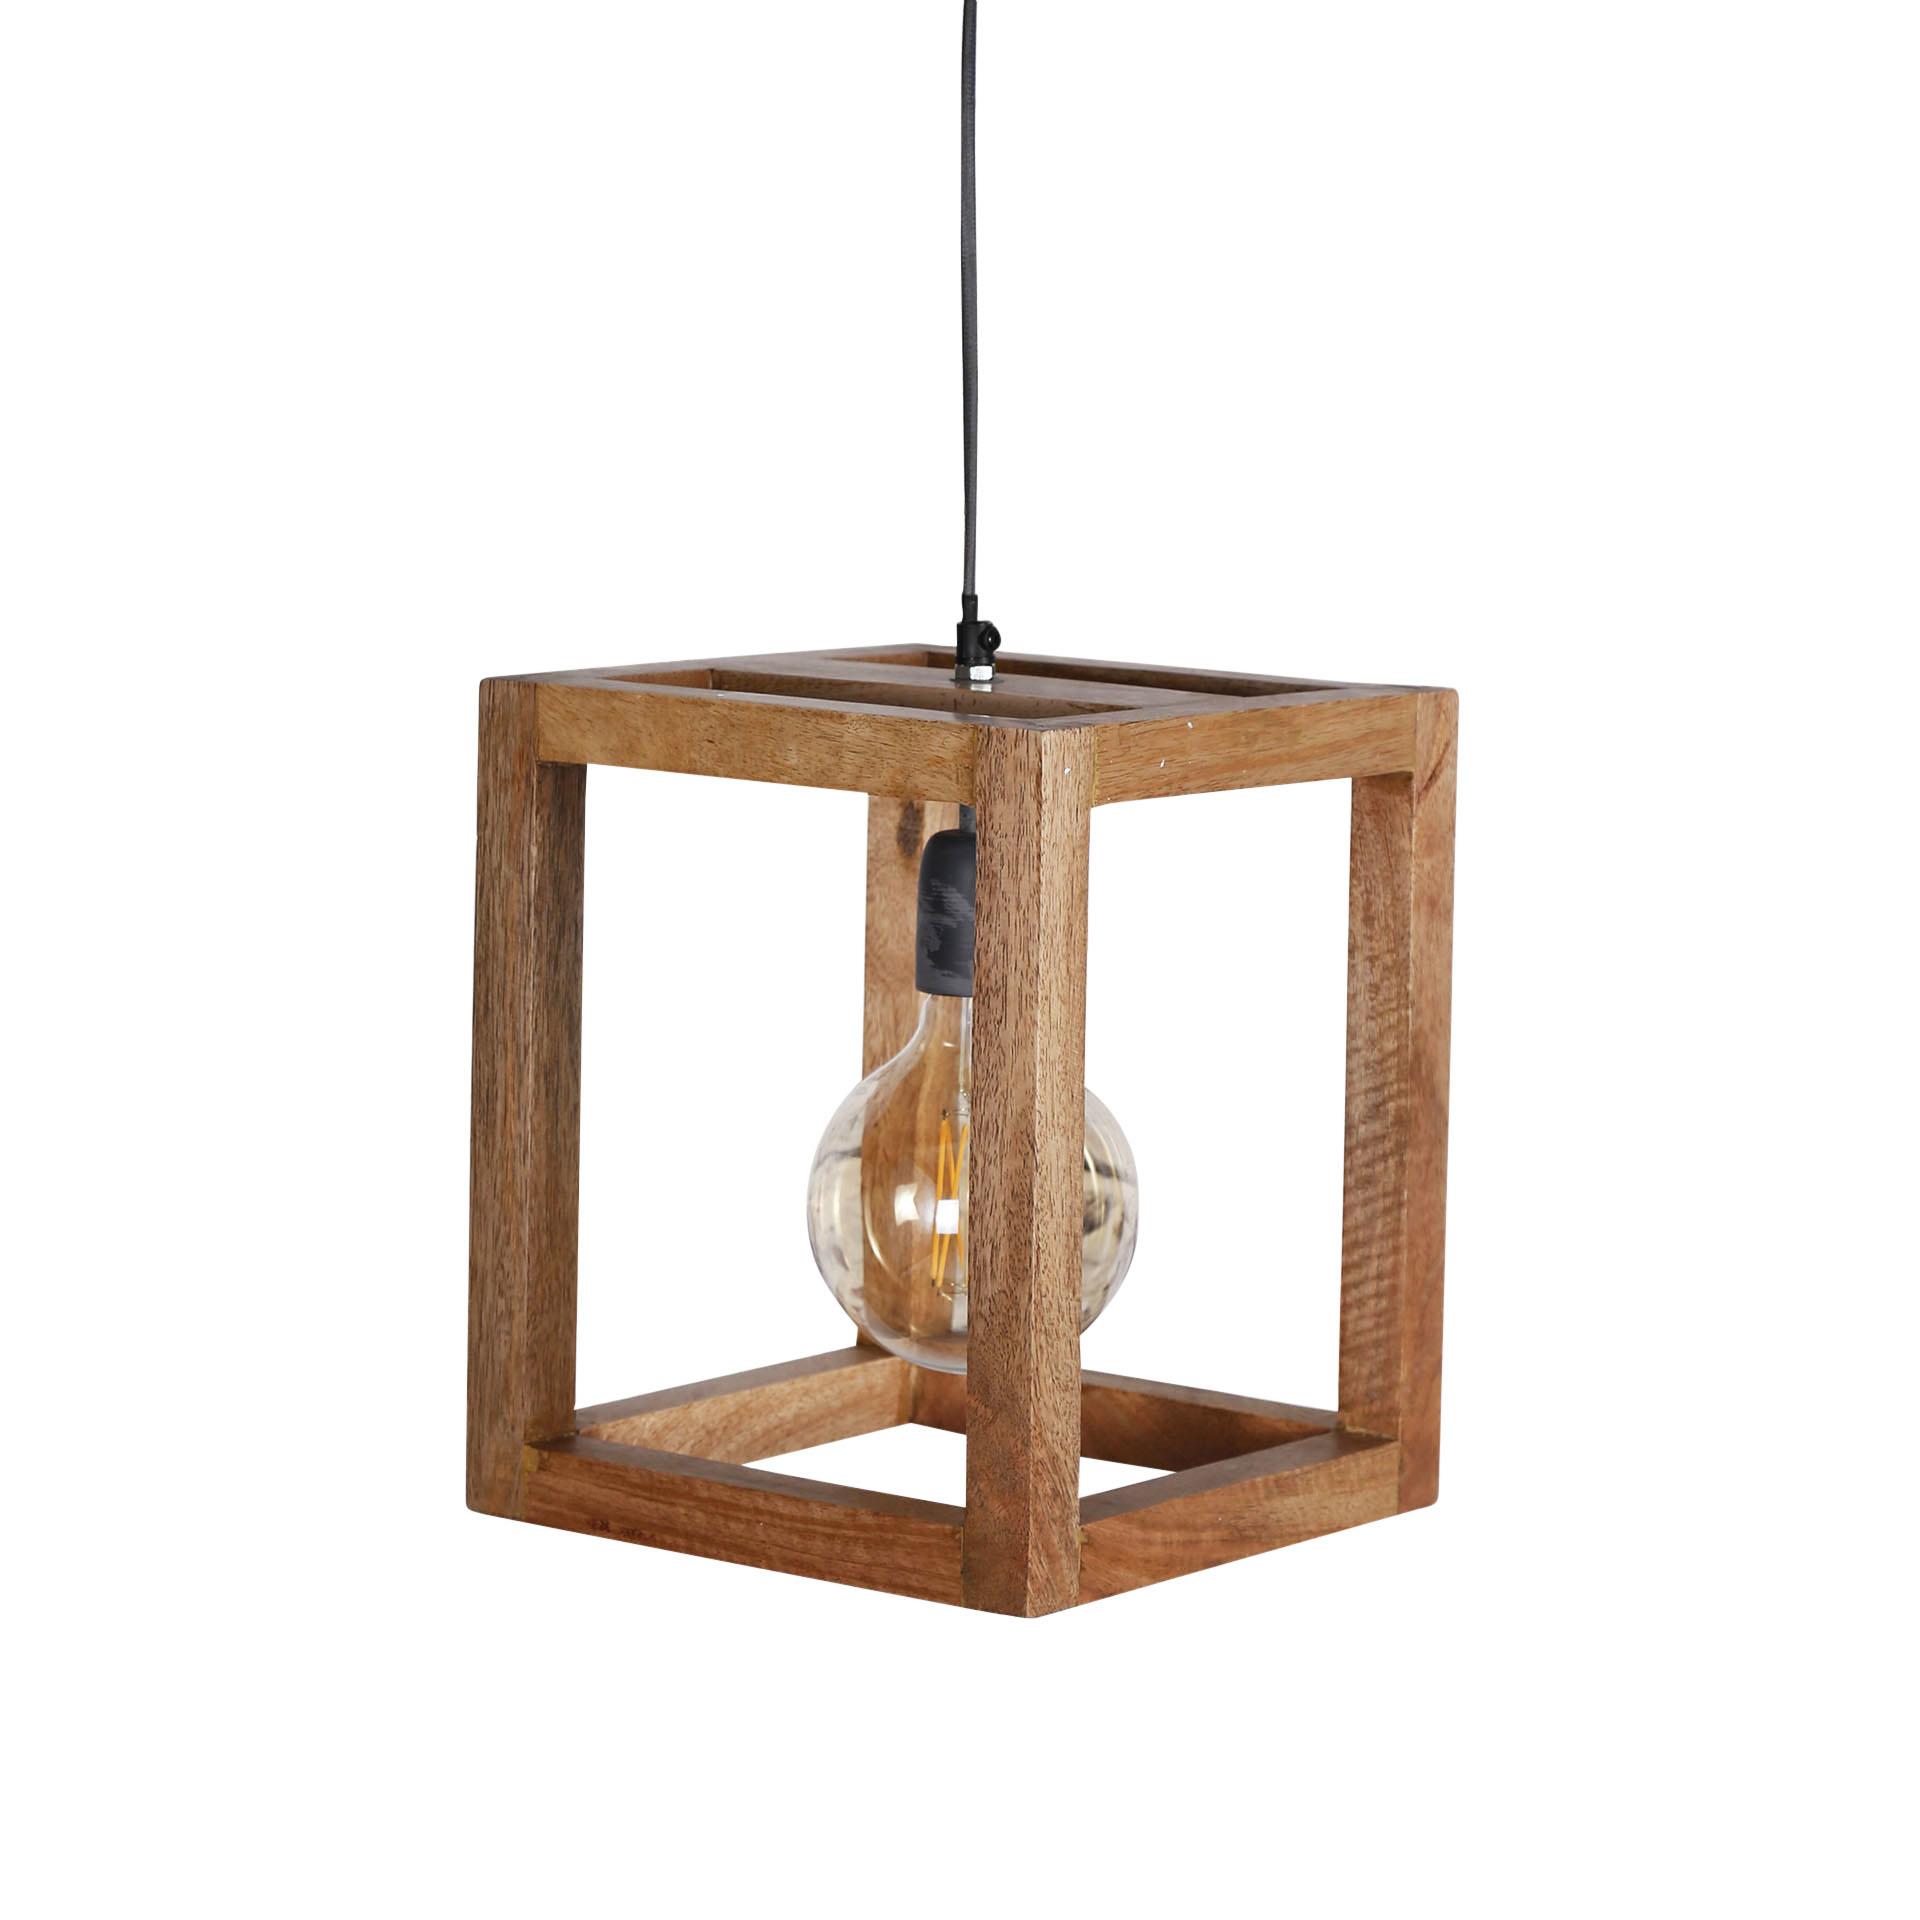 Duverger Massive Mango - Hanglamp - houten frame - vierkant - 1 lichtpunt